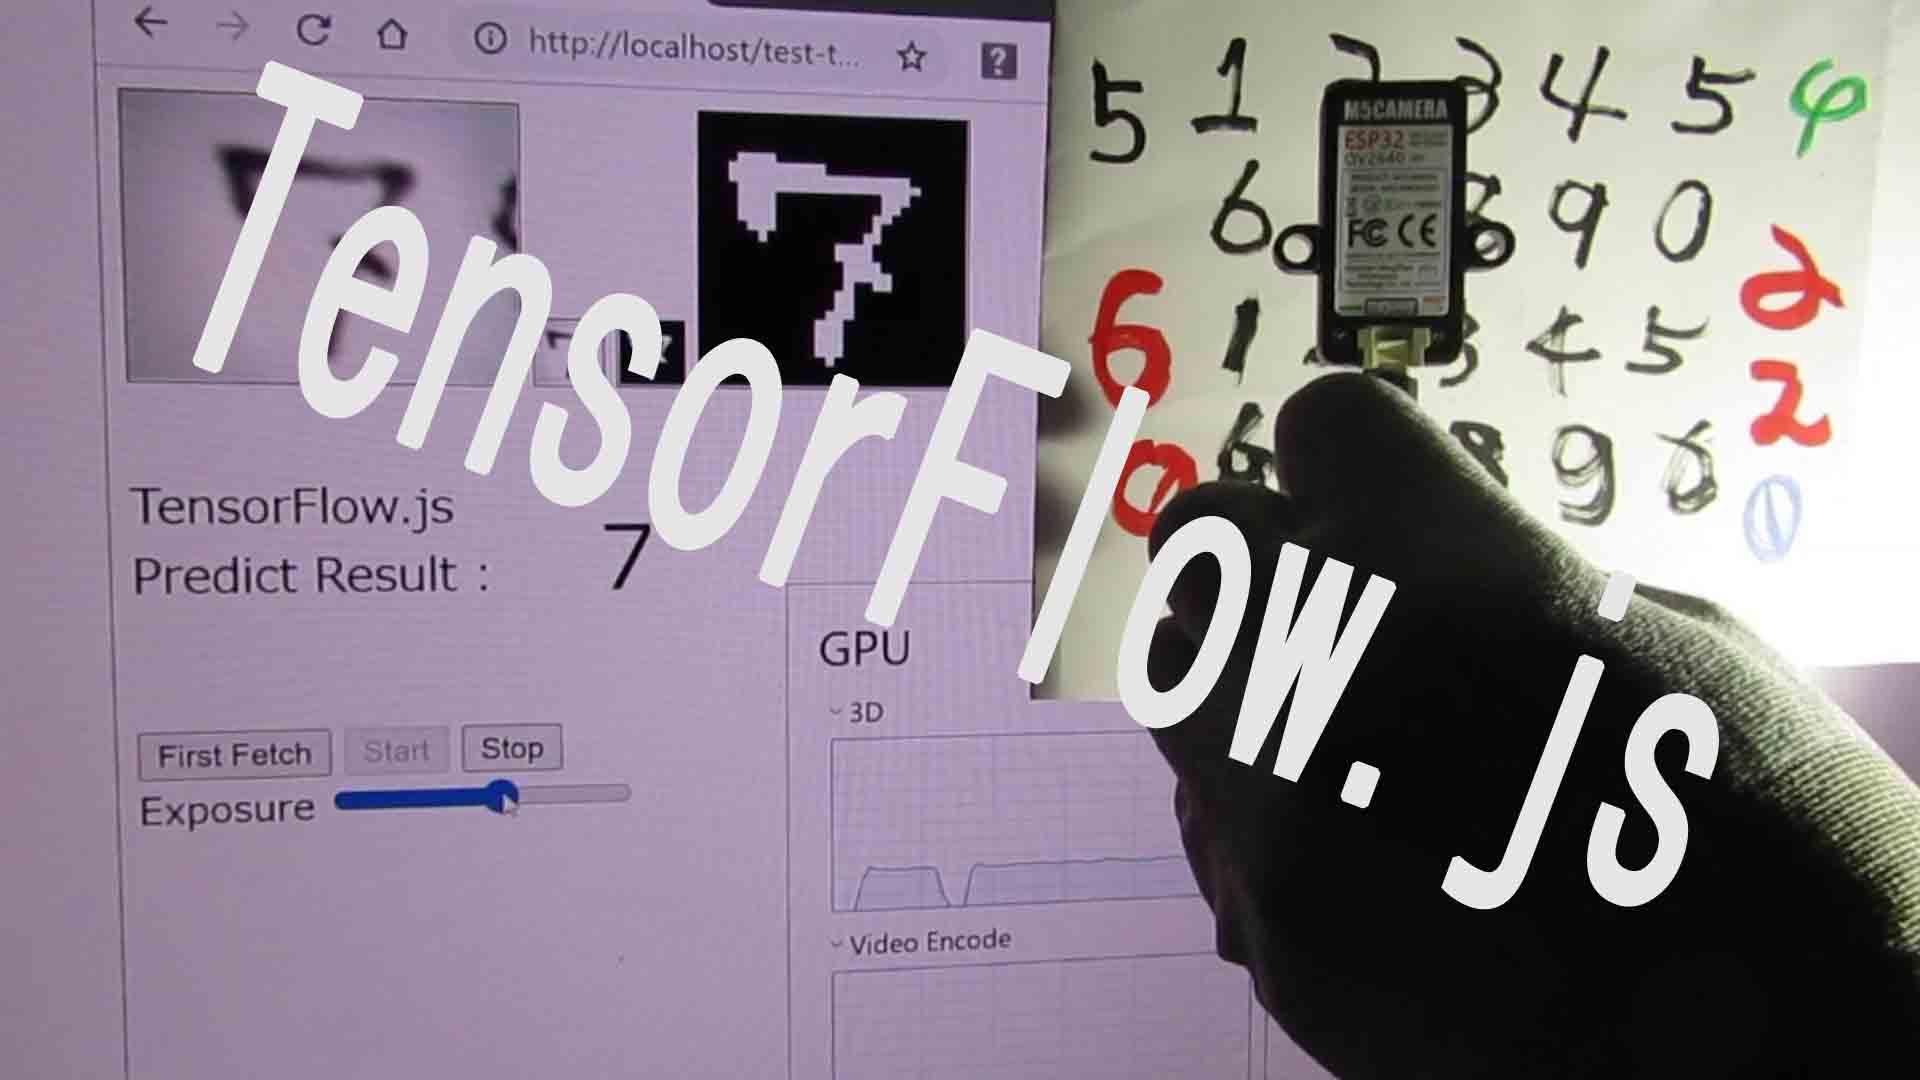 TensorFlow.jsを使ったリアルタイム推論(M5Camera使用)